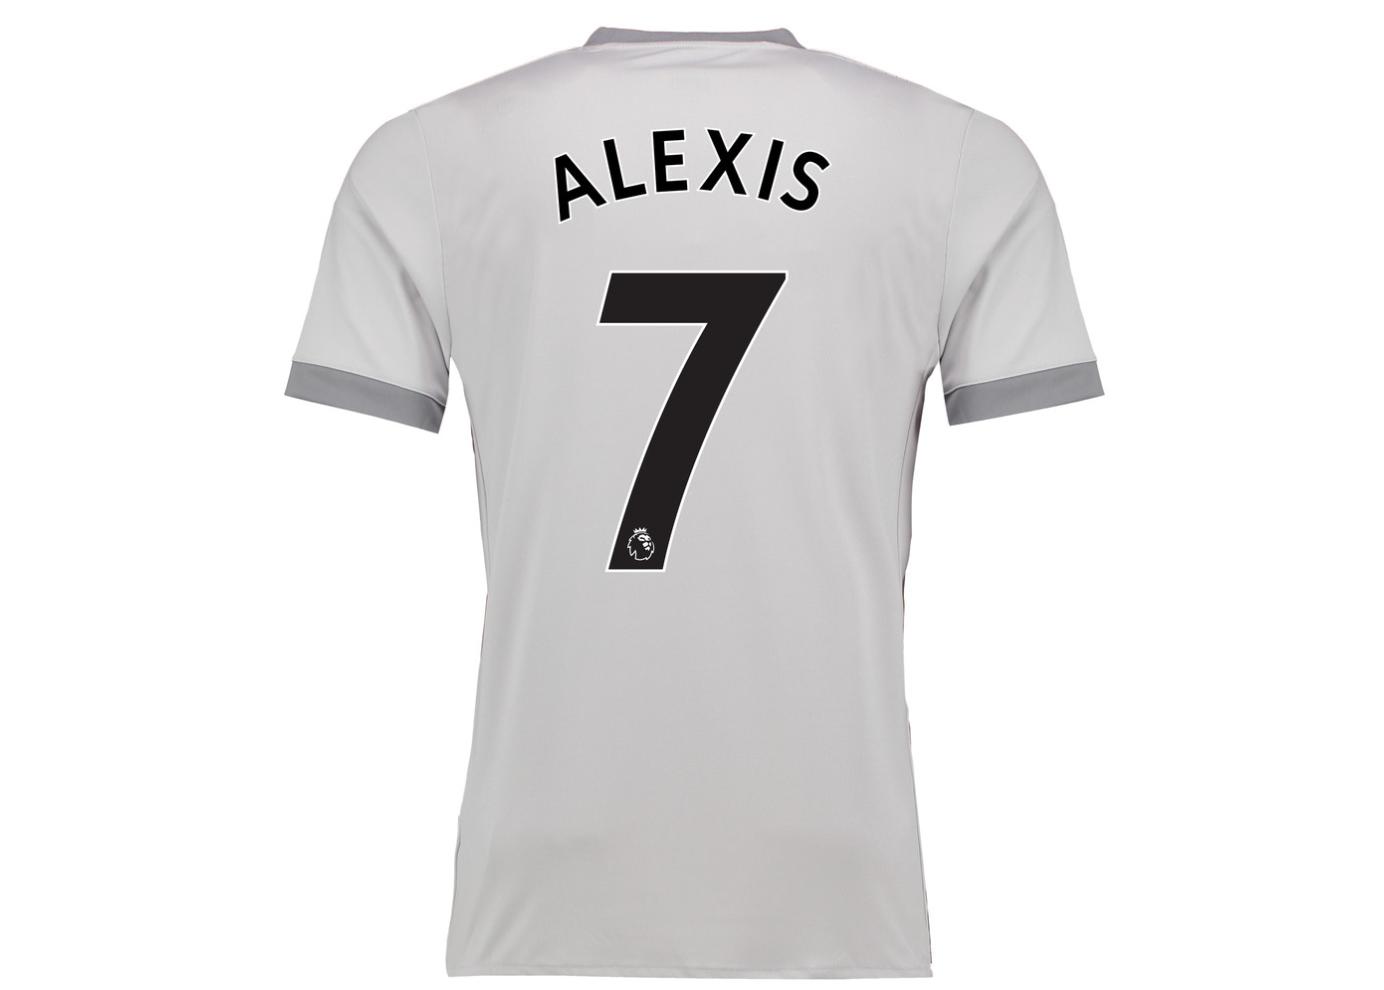 เสื้อแมนเชสเตอร์ ยูไนเต็ด 2017 2018 ชุดที่3 ติดชื่อ Alexis 7 ของแท้